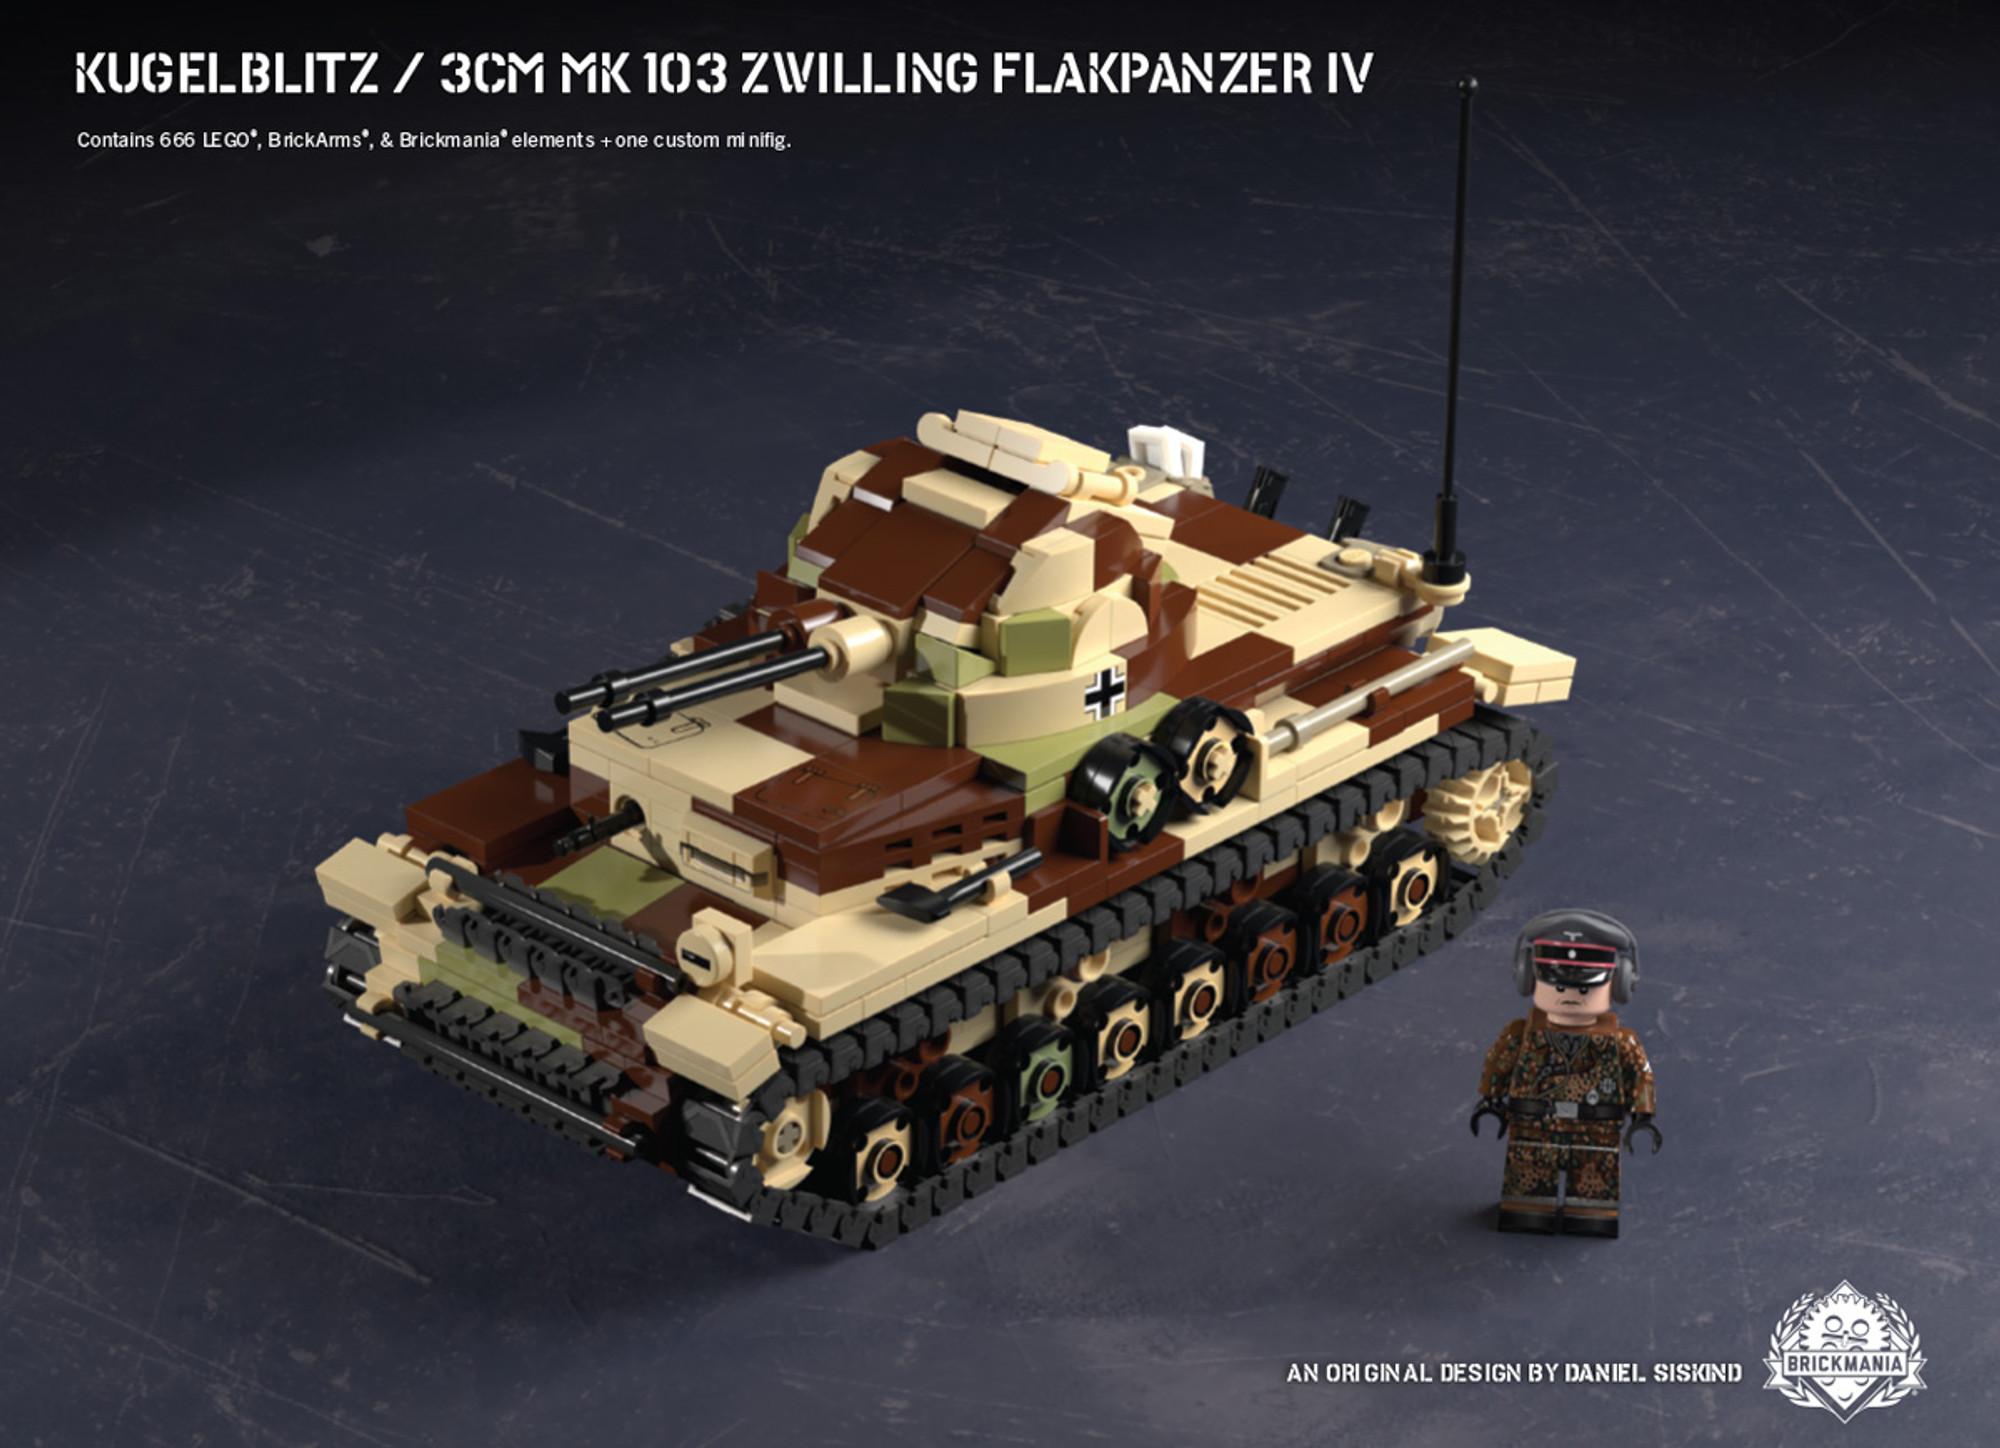 Kugelblitz – 3cm Mk 103 Zwilling Flakpanzer IV